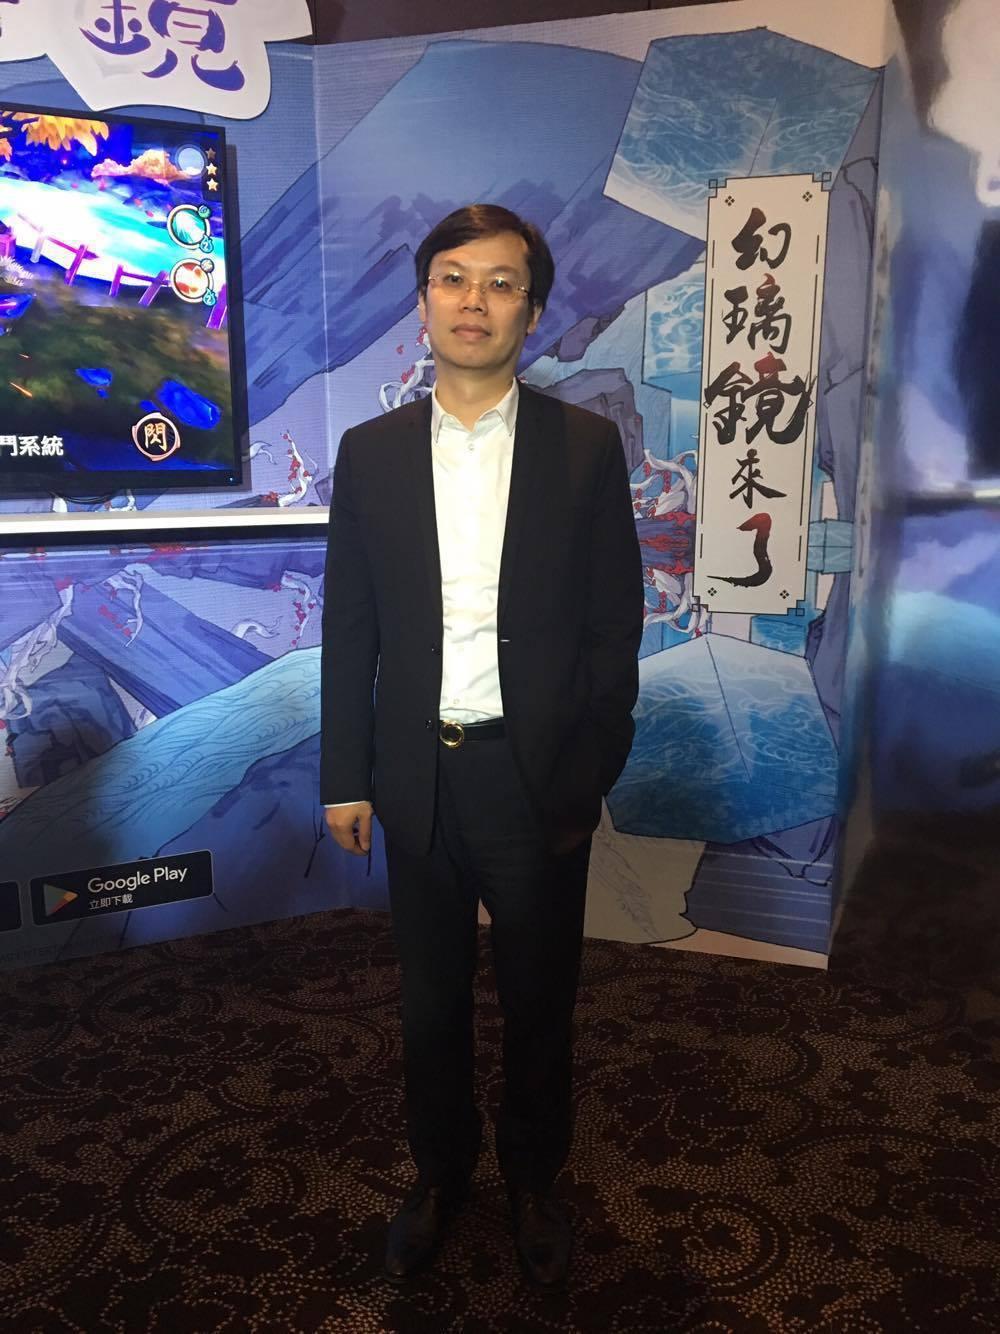 大宇資訊董事長凃俊光今(13)日出席《仙劍奇俠傳-幻璃鏡》上市慶功...